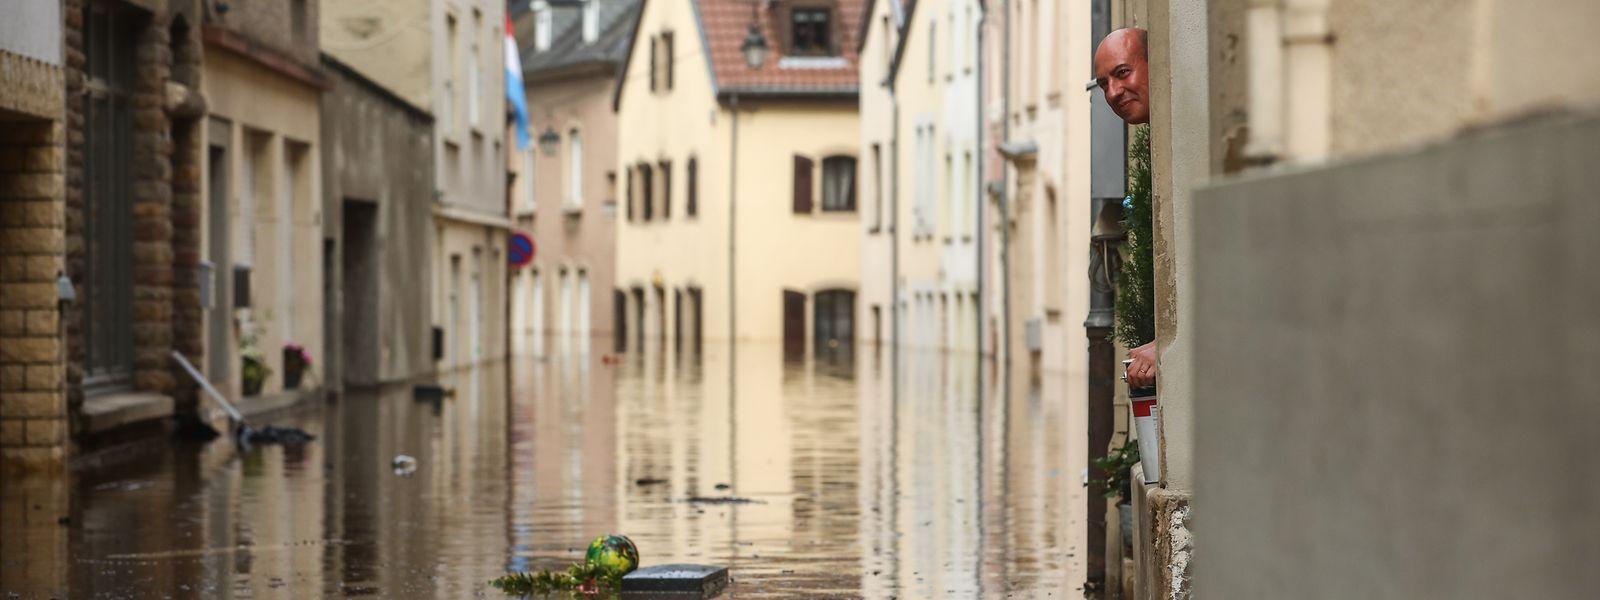 Große Teile von Echternach wurden vergangene Woche nach dem Dauerregen überschwemmt.